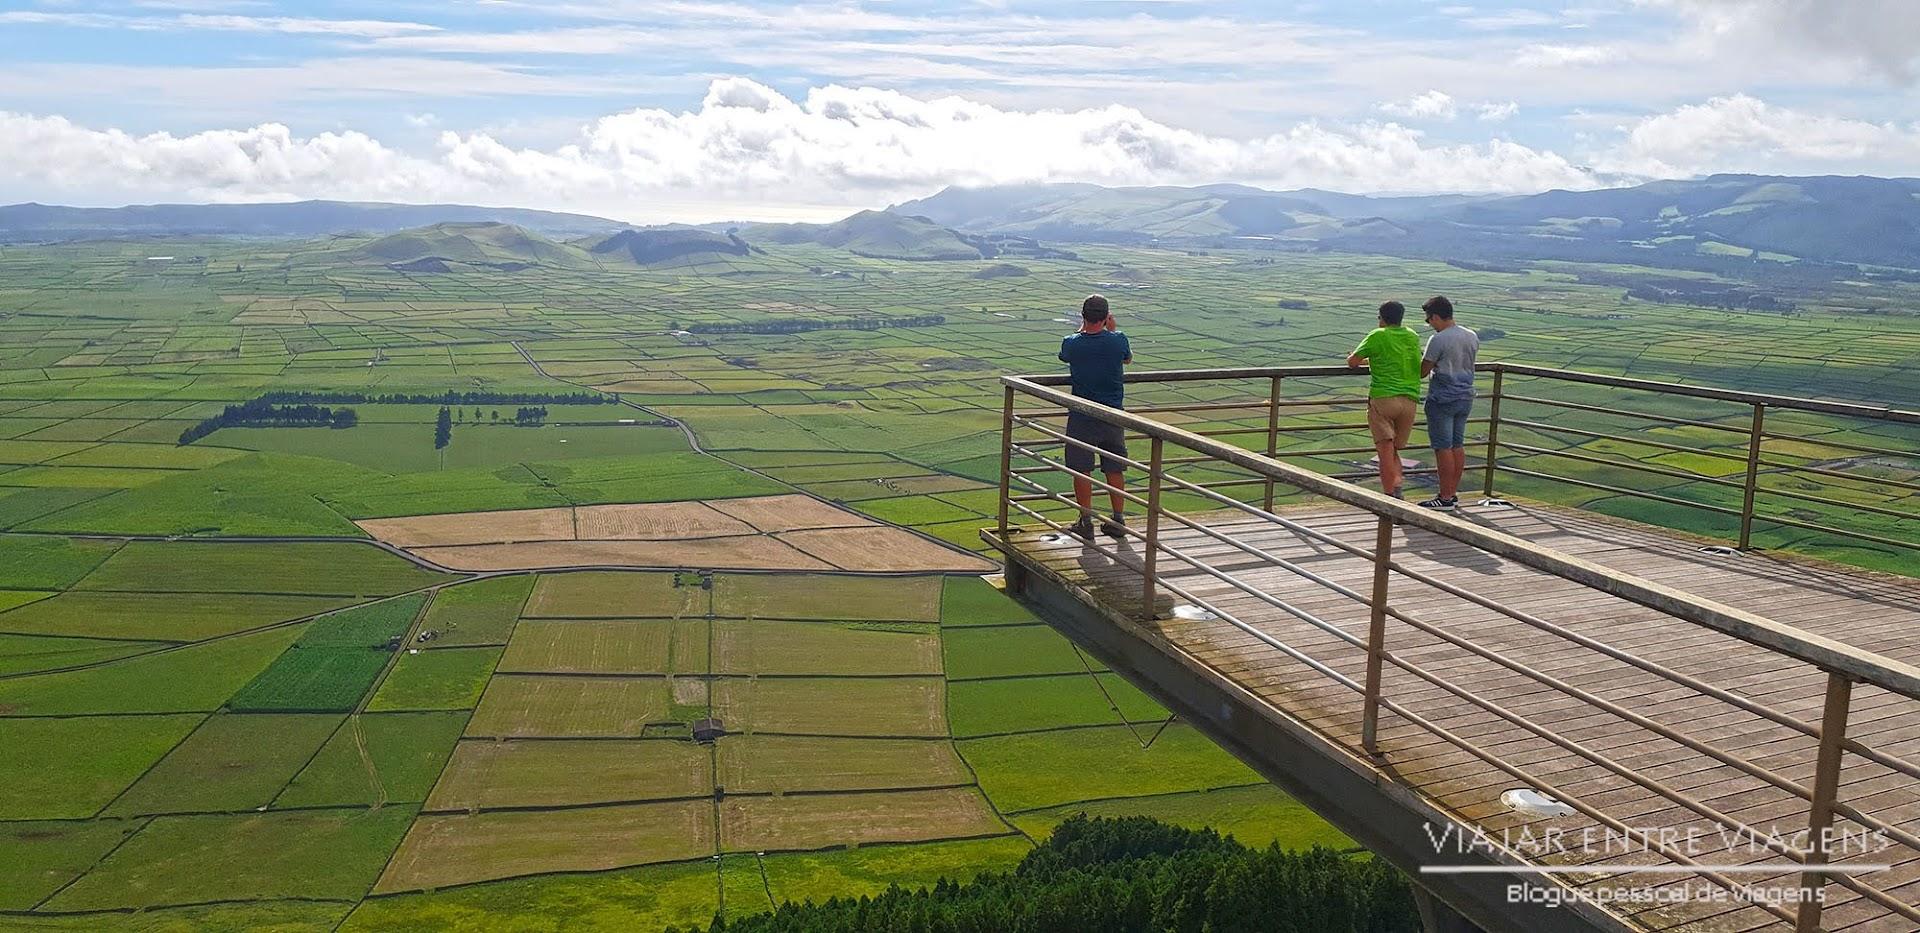 Desfrutar das vistas do miradouro da Serra do Cume, na ilha Terceira